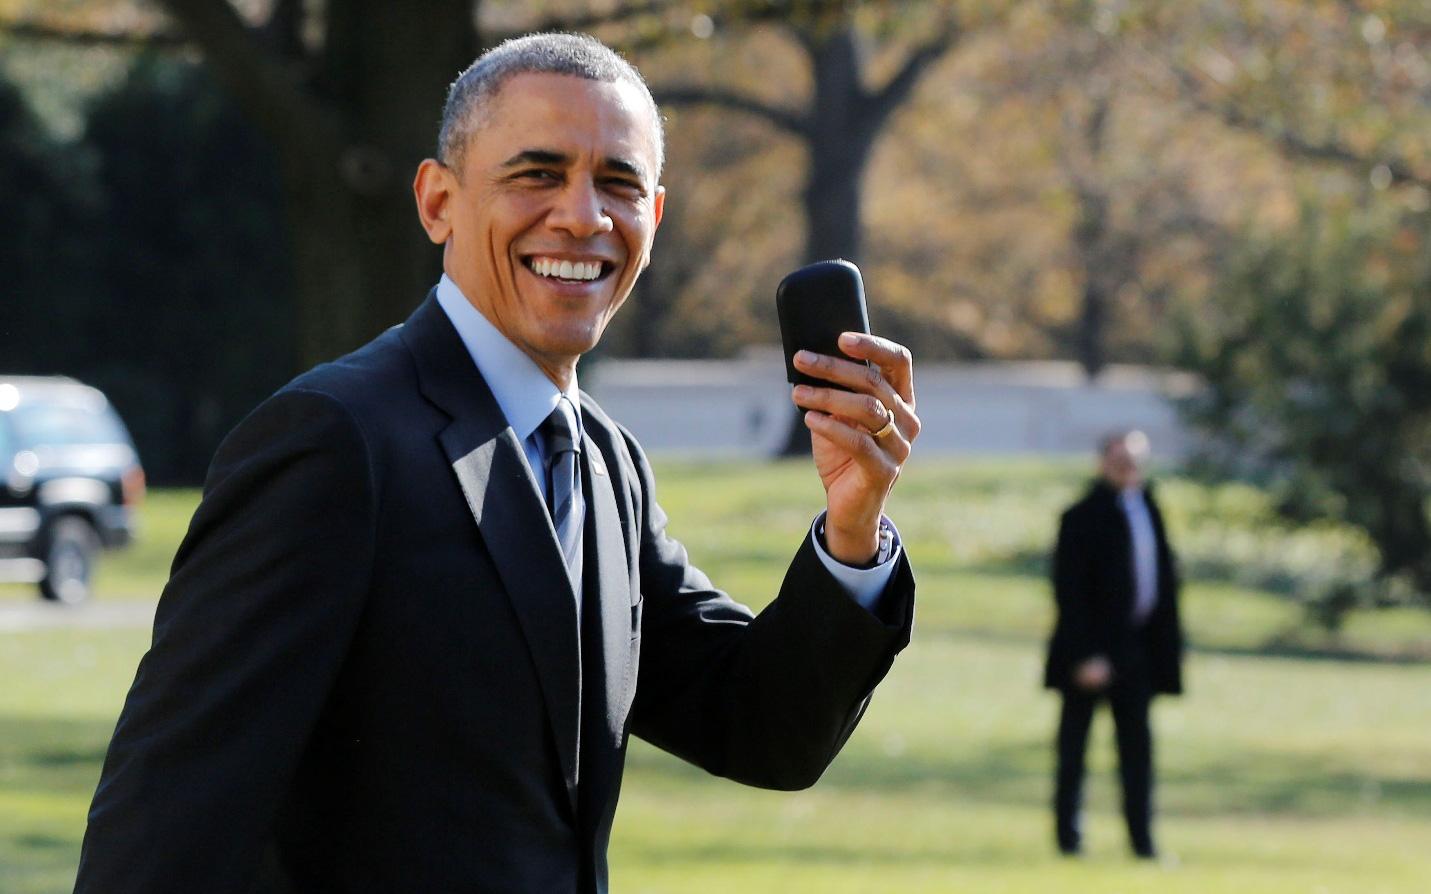 Blackberry: Kiêu ngạo, ngoan cố và cái kết